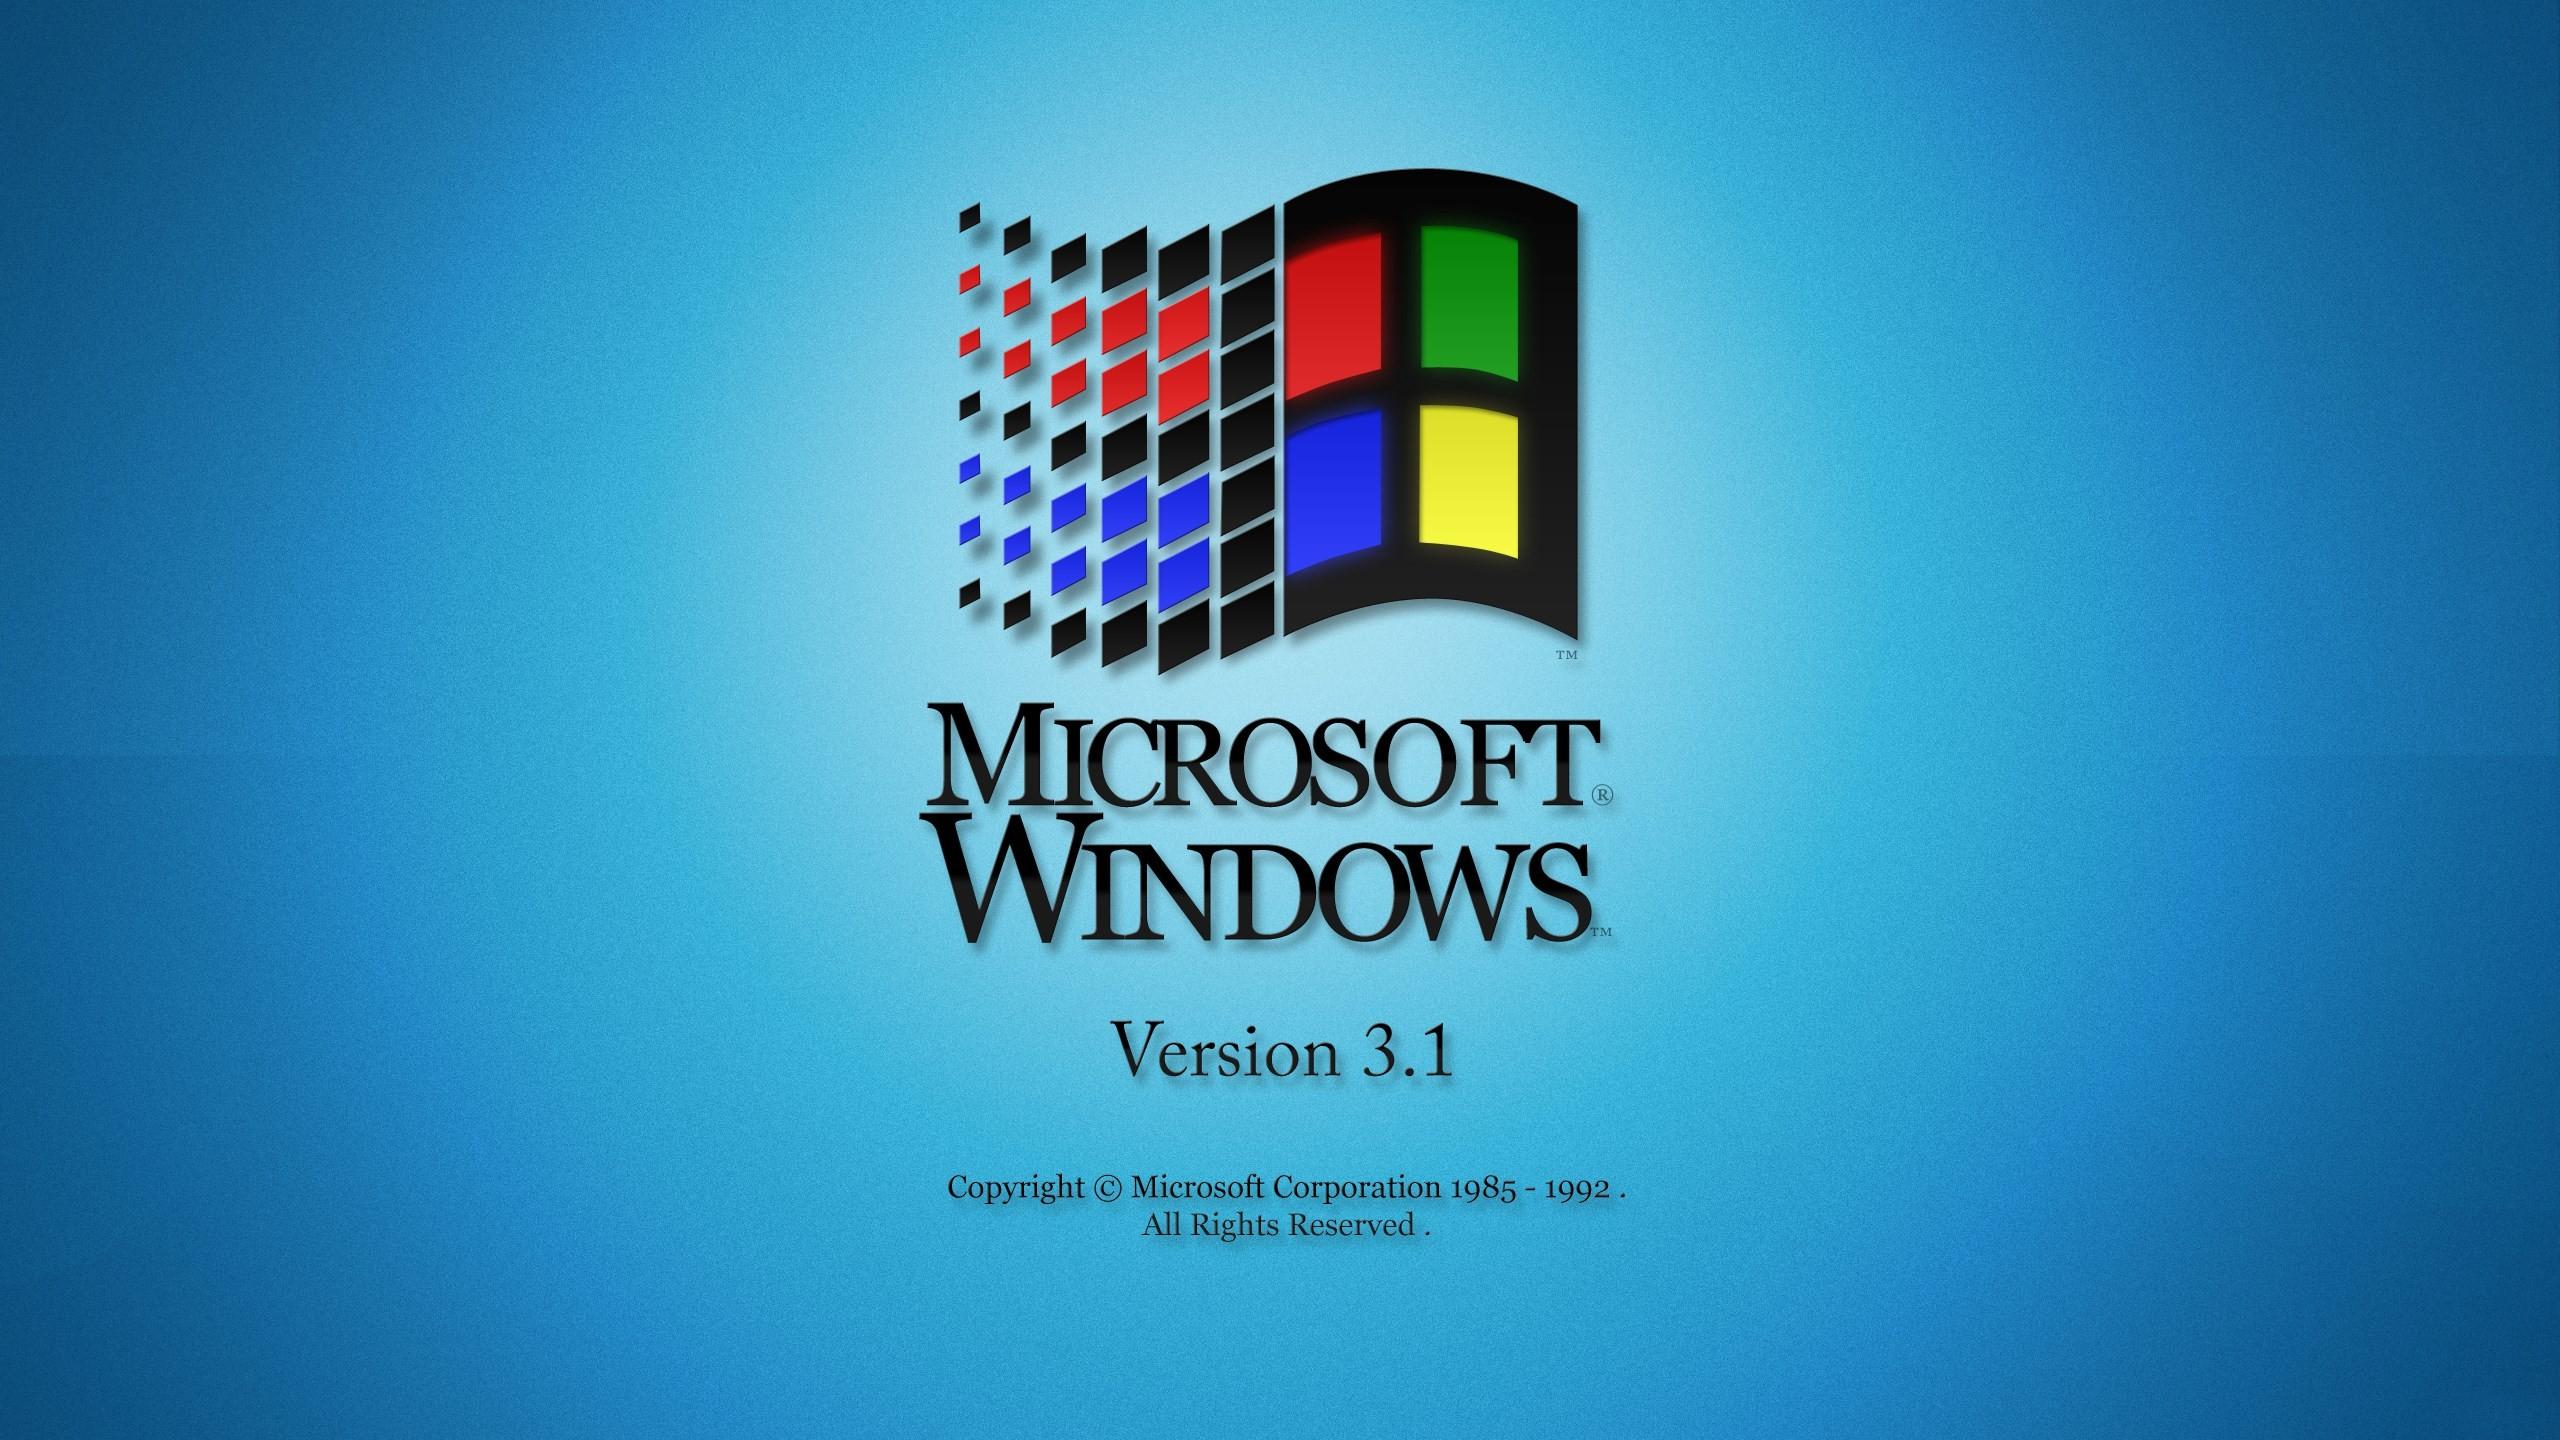 windows desktop nexus wallpaper 2560×1440